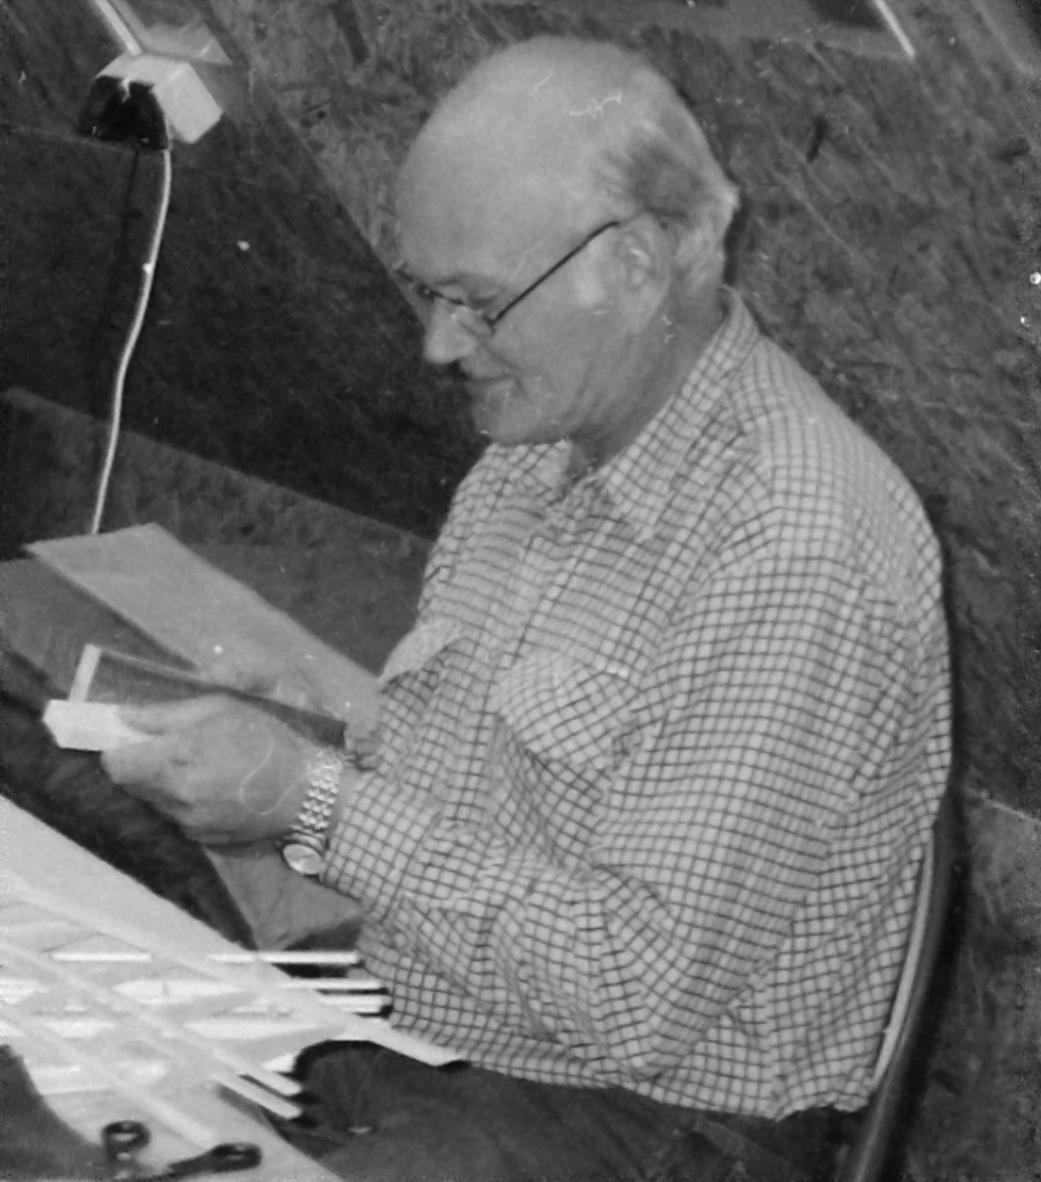 Zmarł Antoni Opoczka